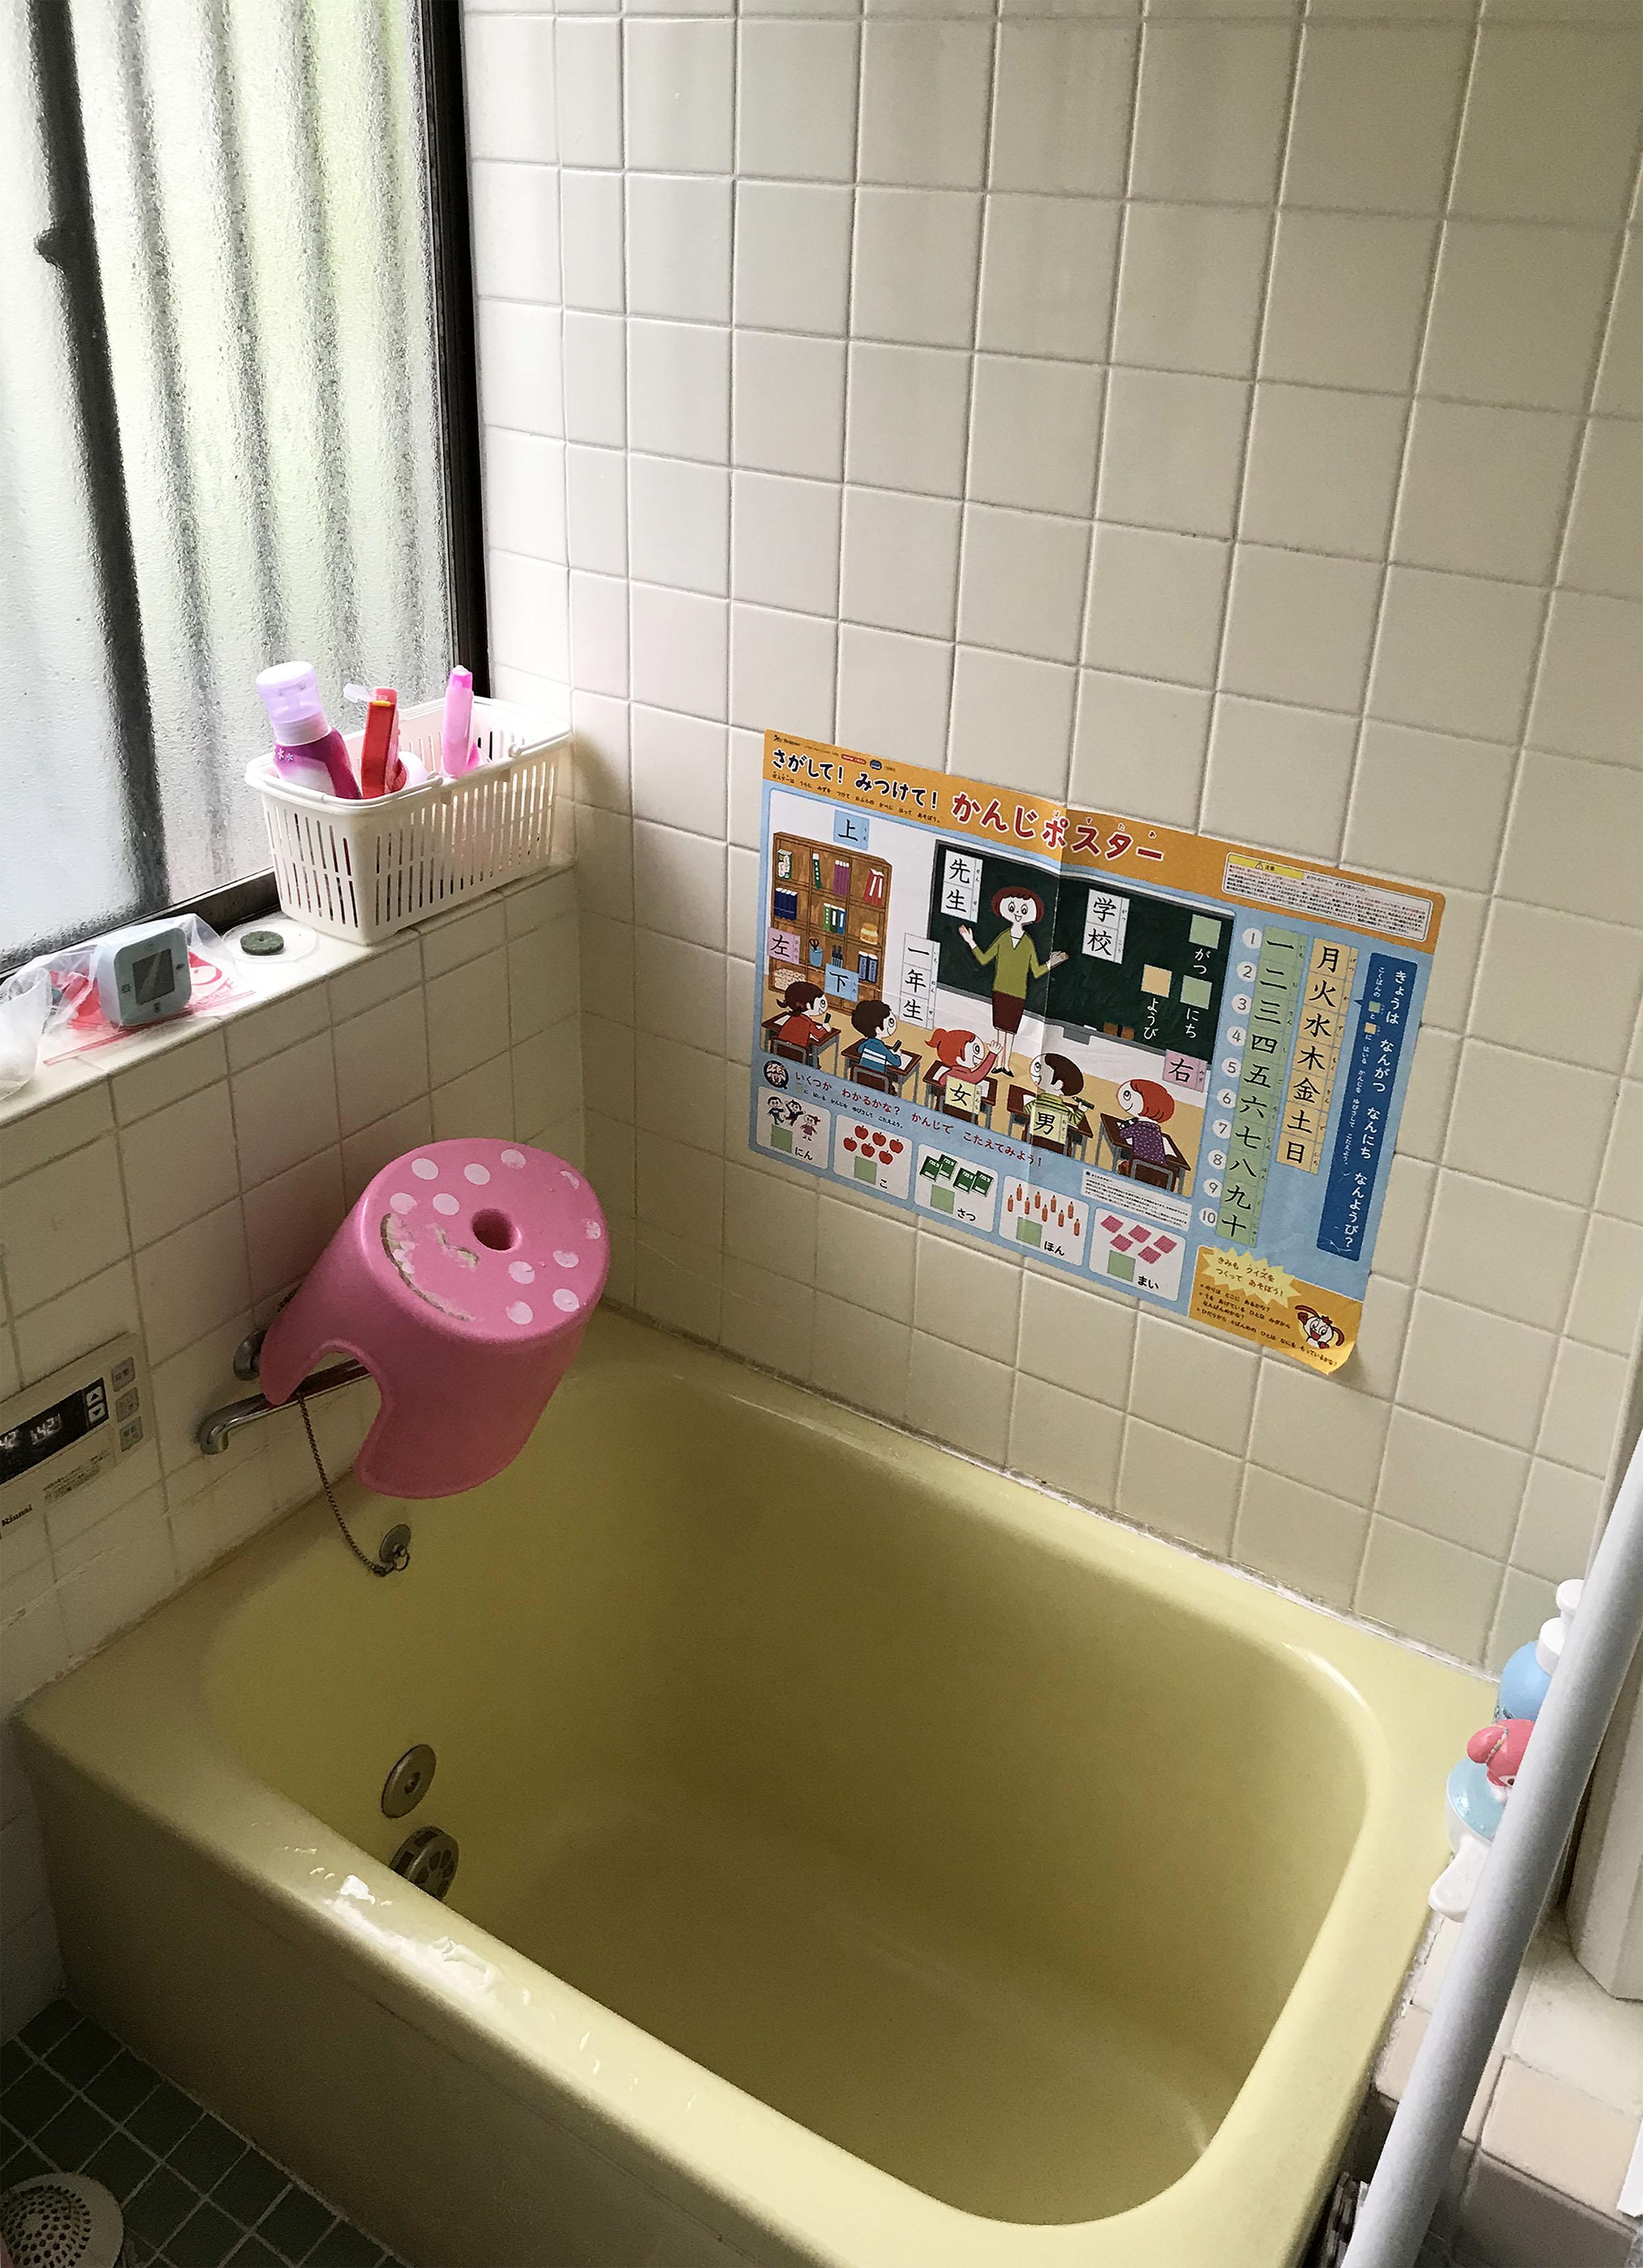 【ダイク株式会社】タイルのお風呂が寒い・・・